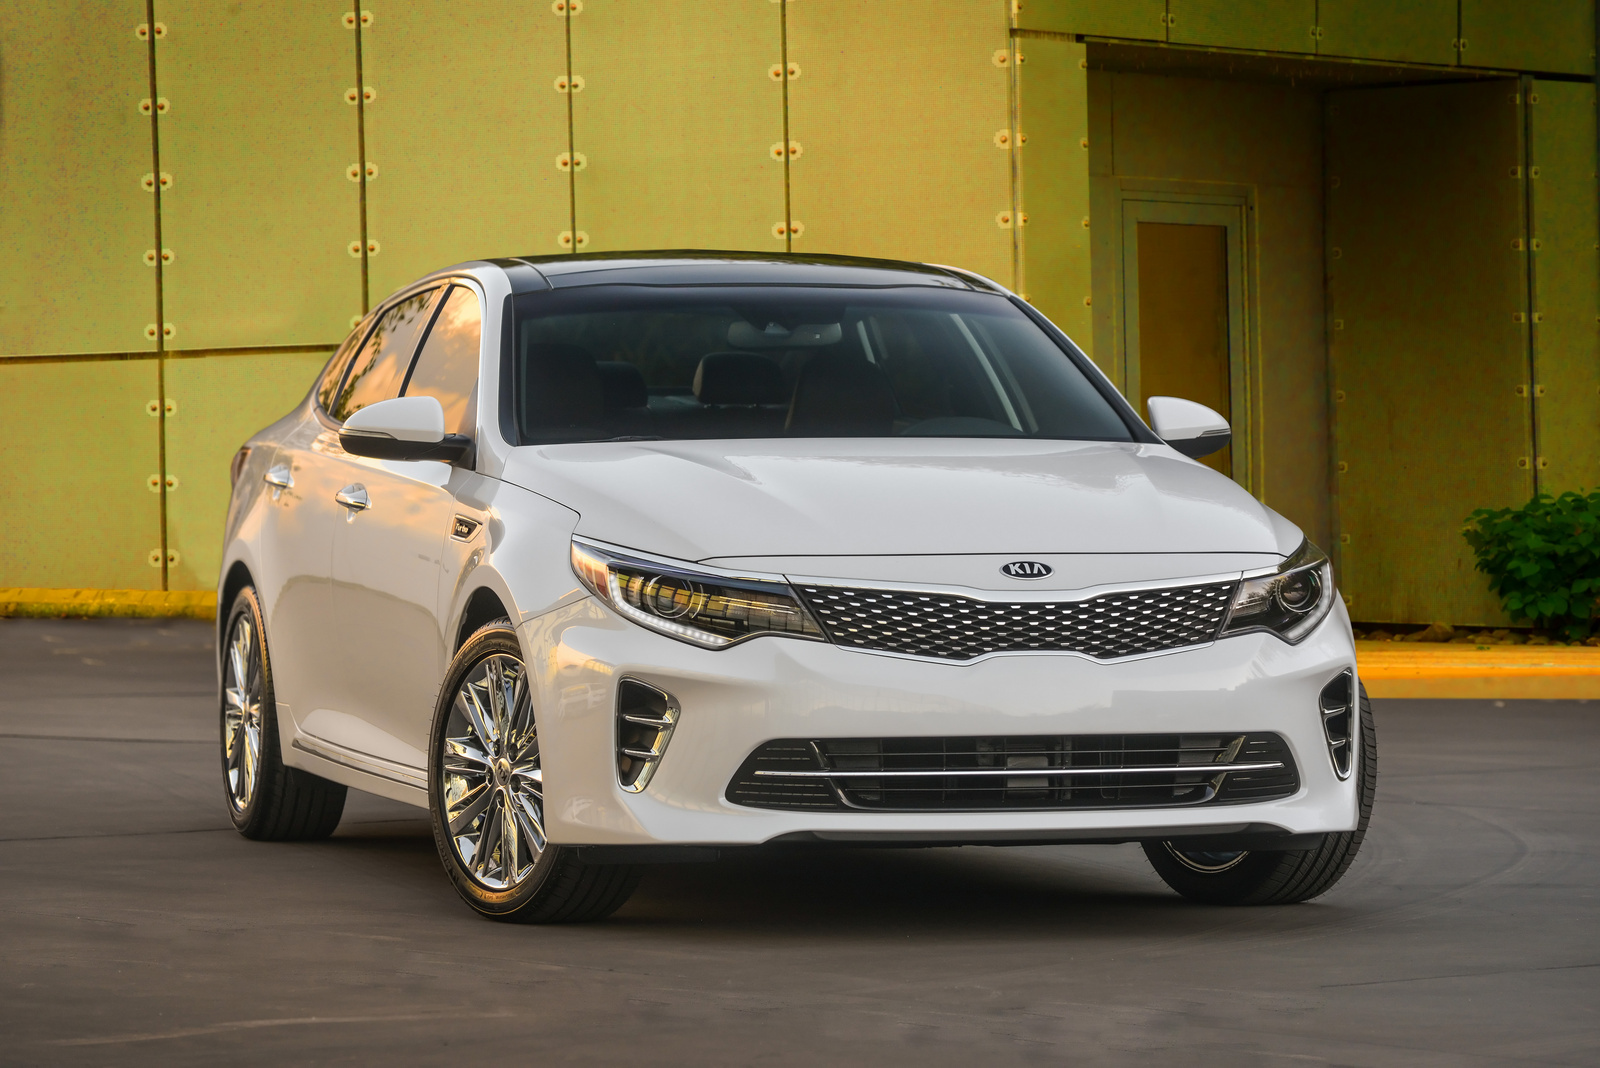 Kia Optima Used Cars For Sale